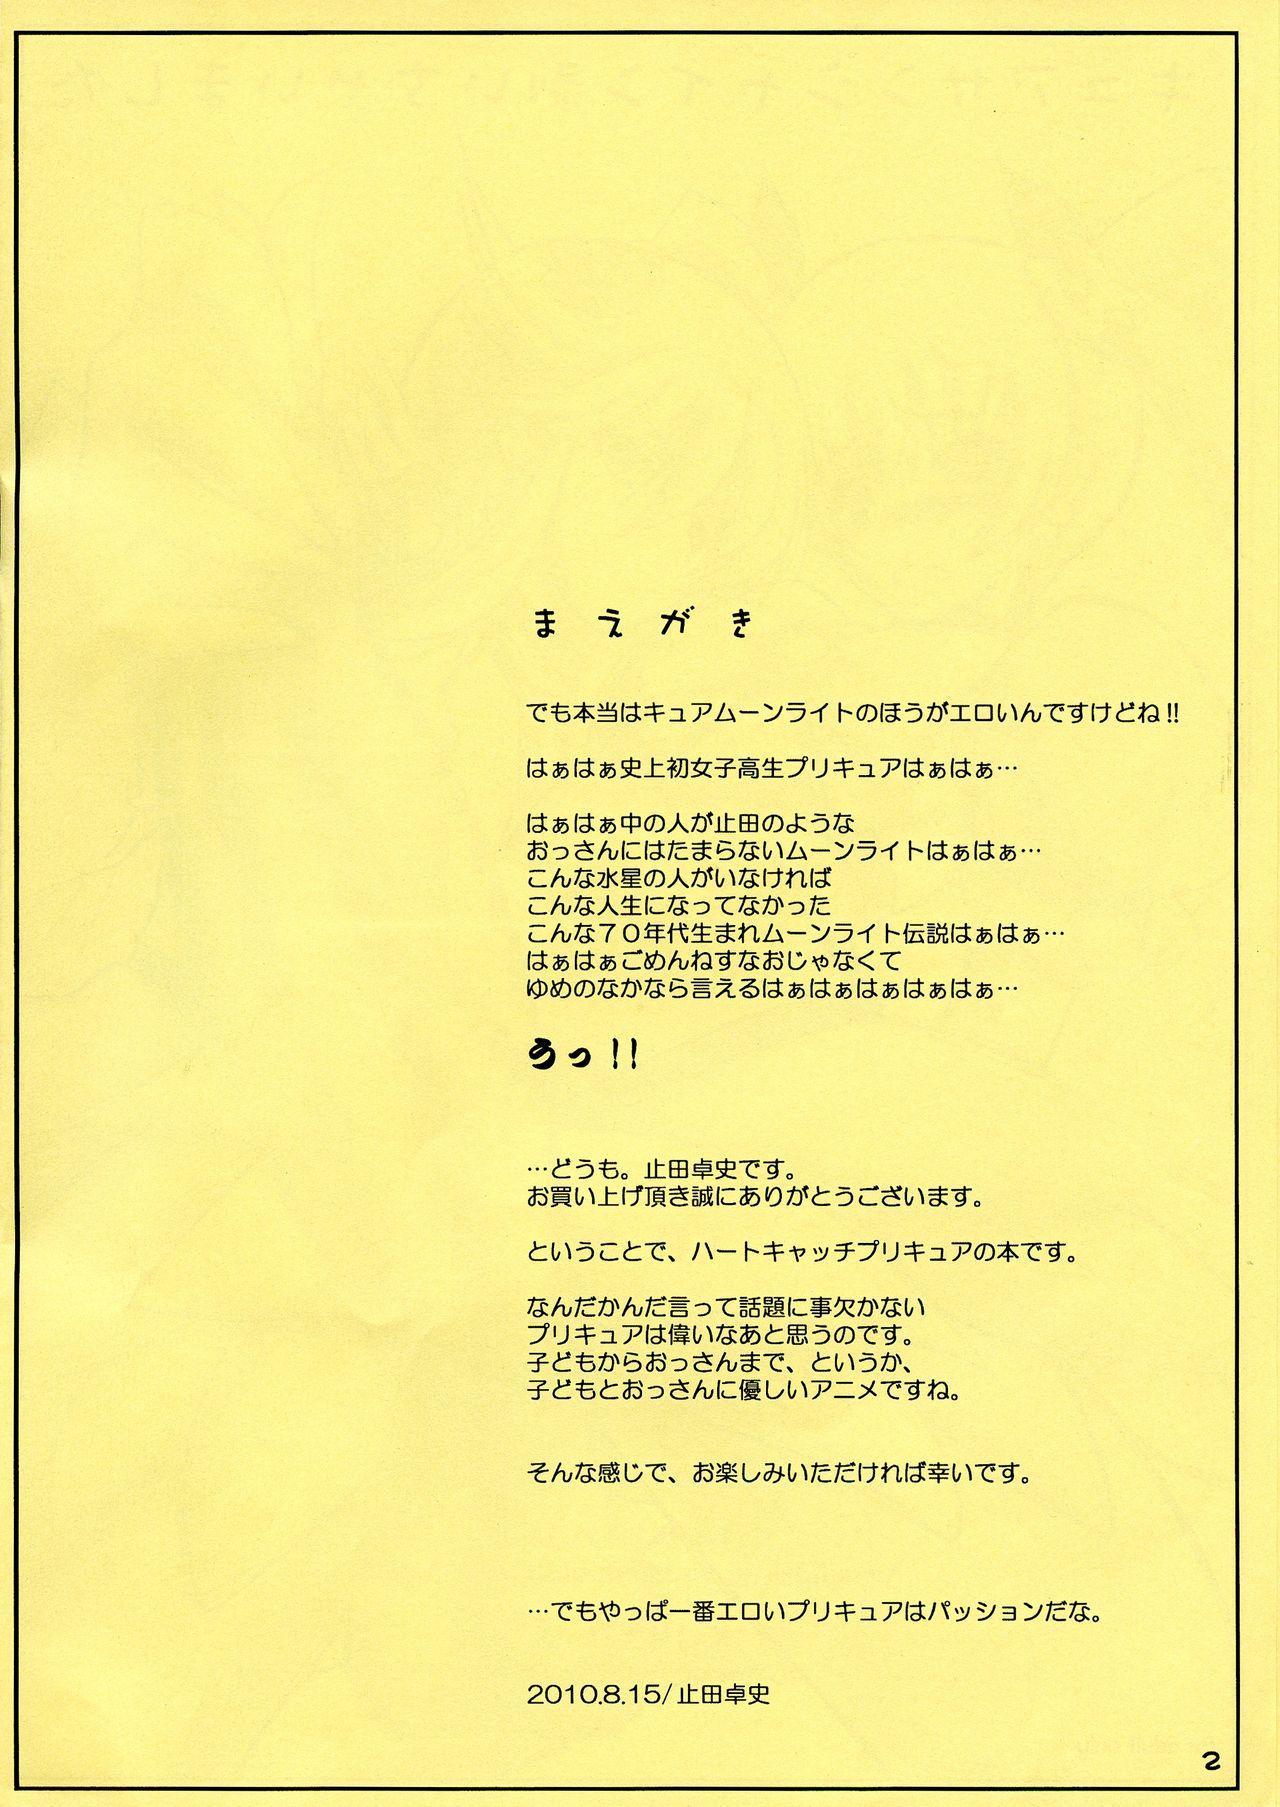 Cure Sunshine Muicha imashita 1